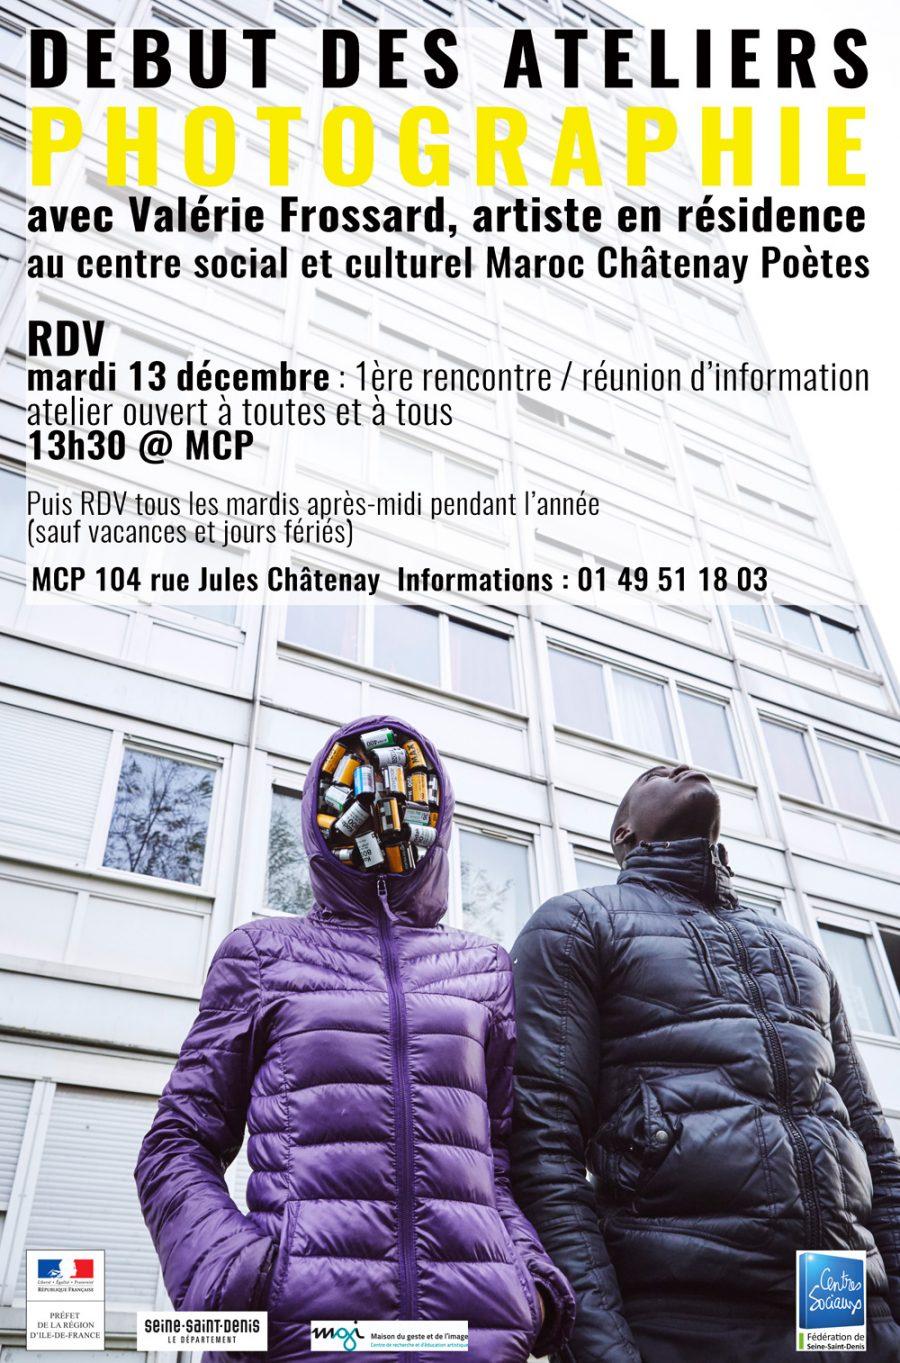 Démarrage des ateliers au centre social et culturel Maroc Châtenay Poètes à Pierrefitte avec Valérie Frossard